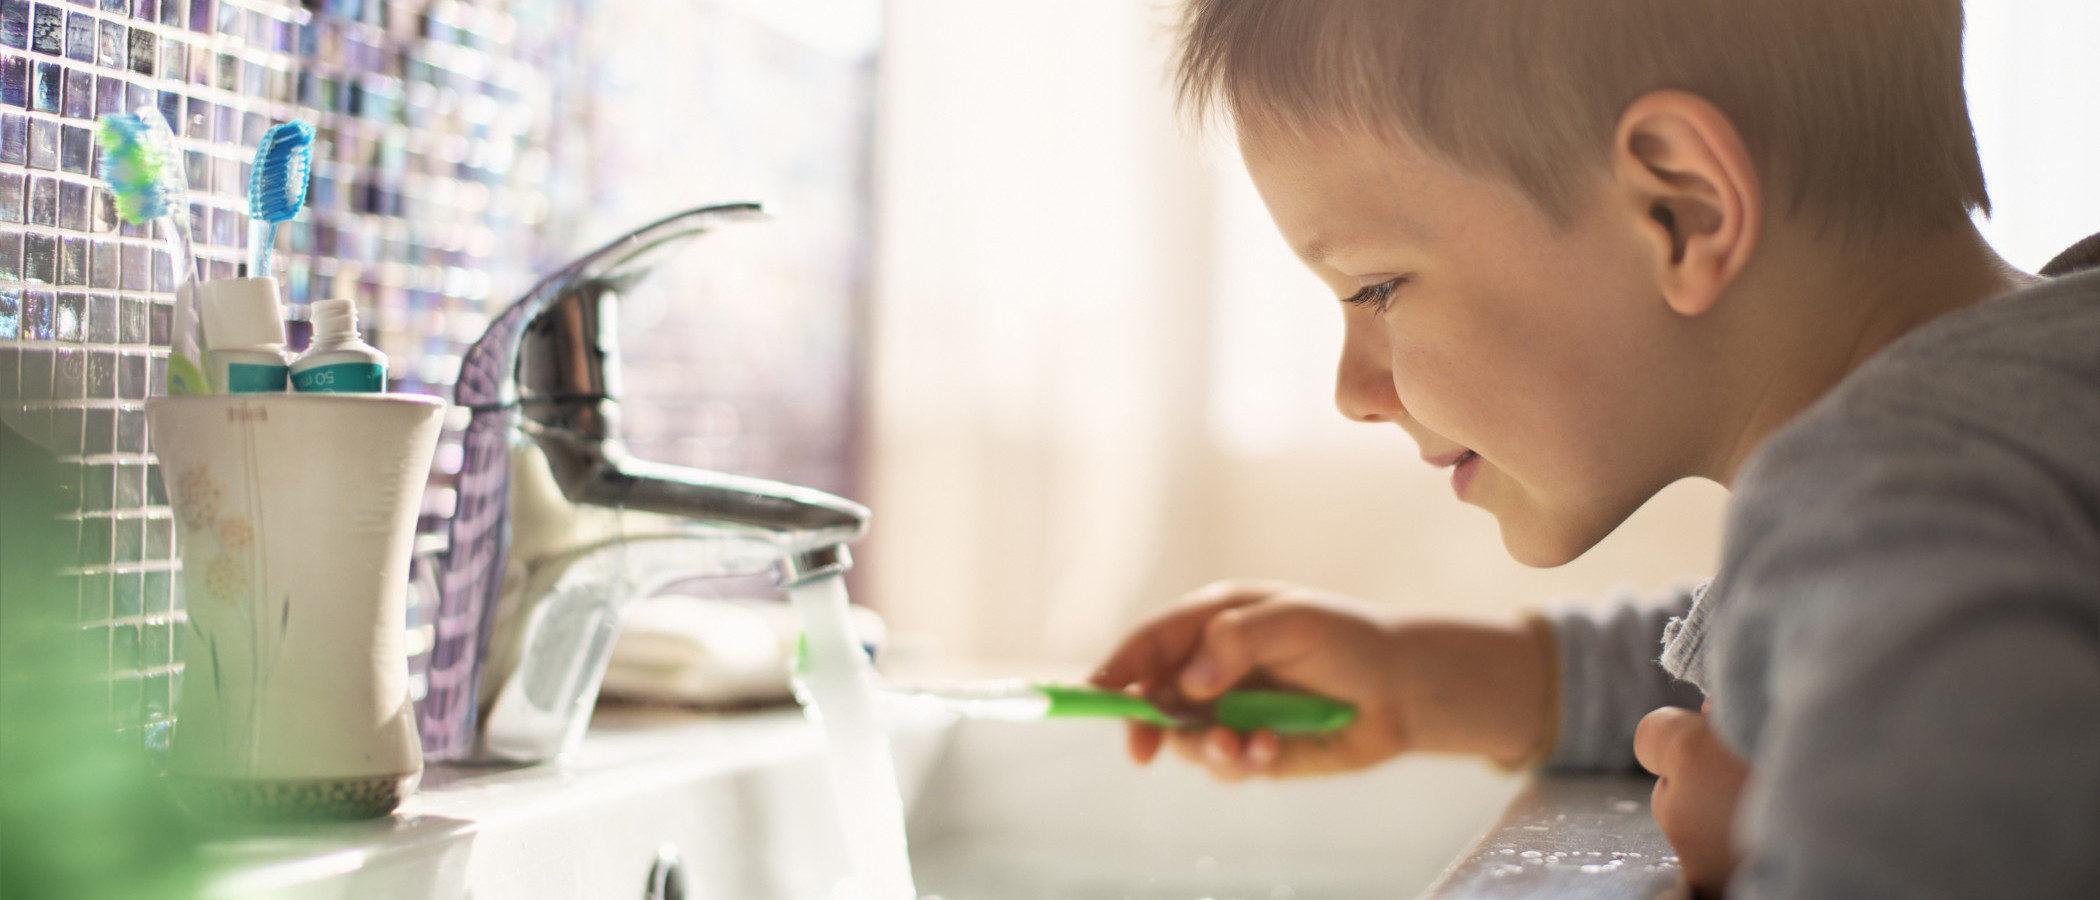 La higiene bucal en niños y adolescentes